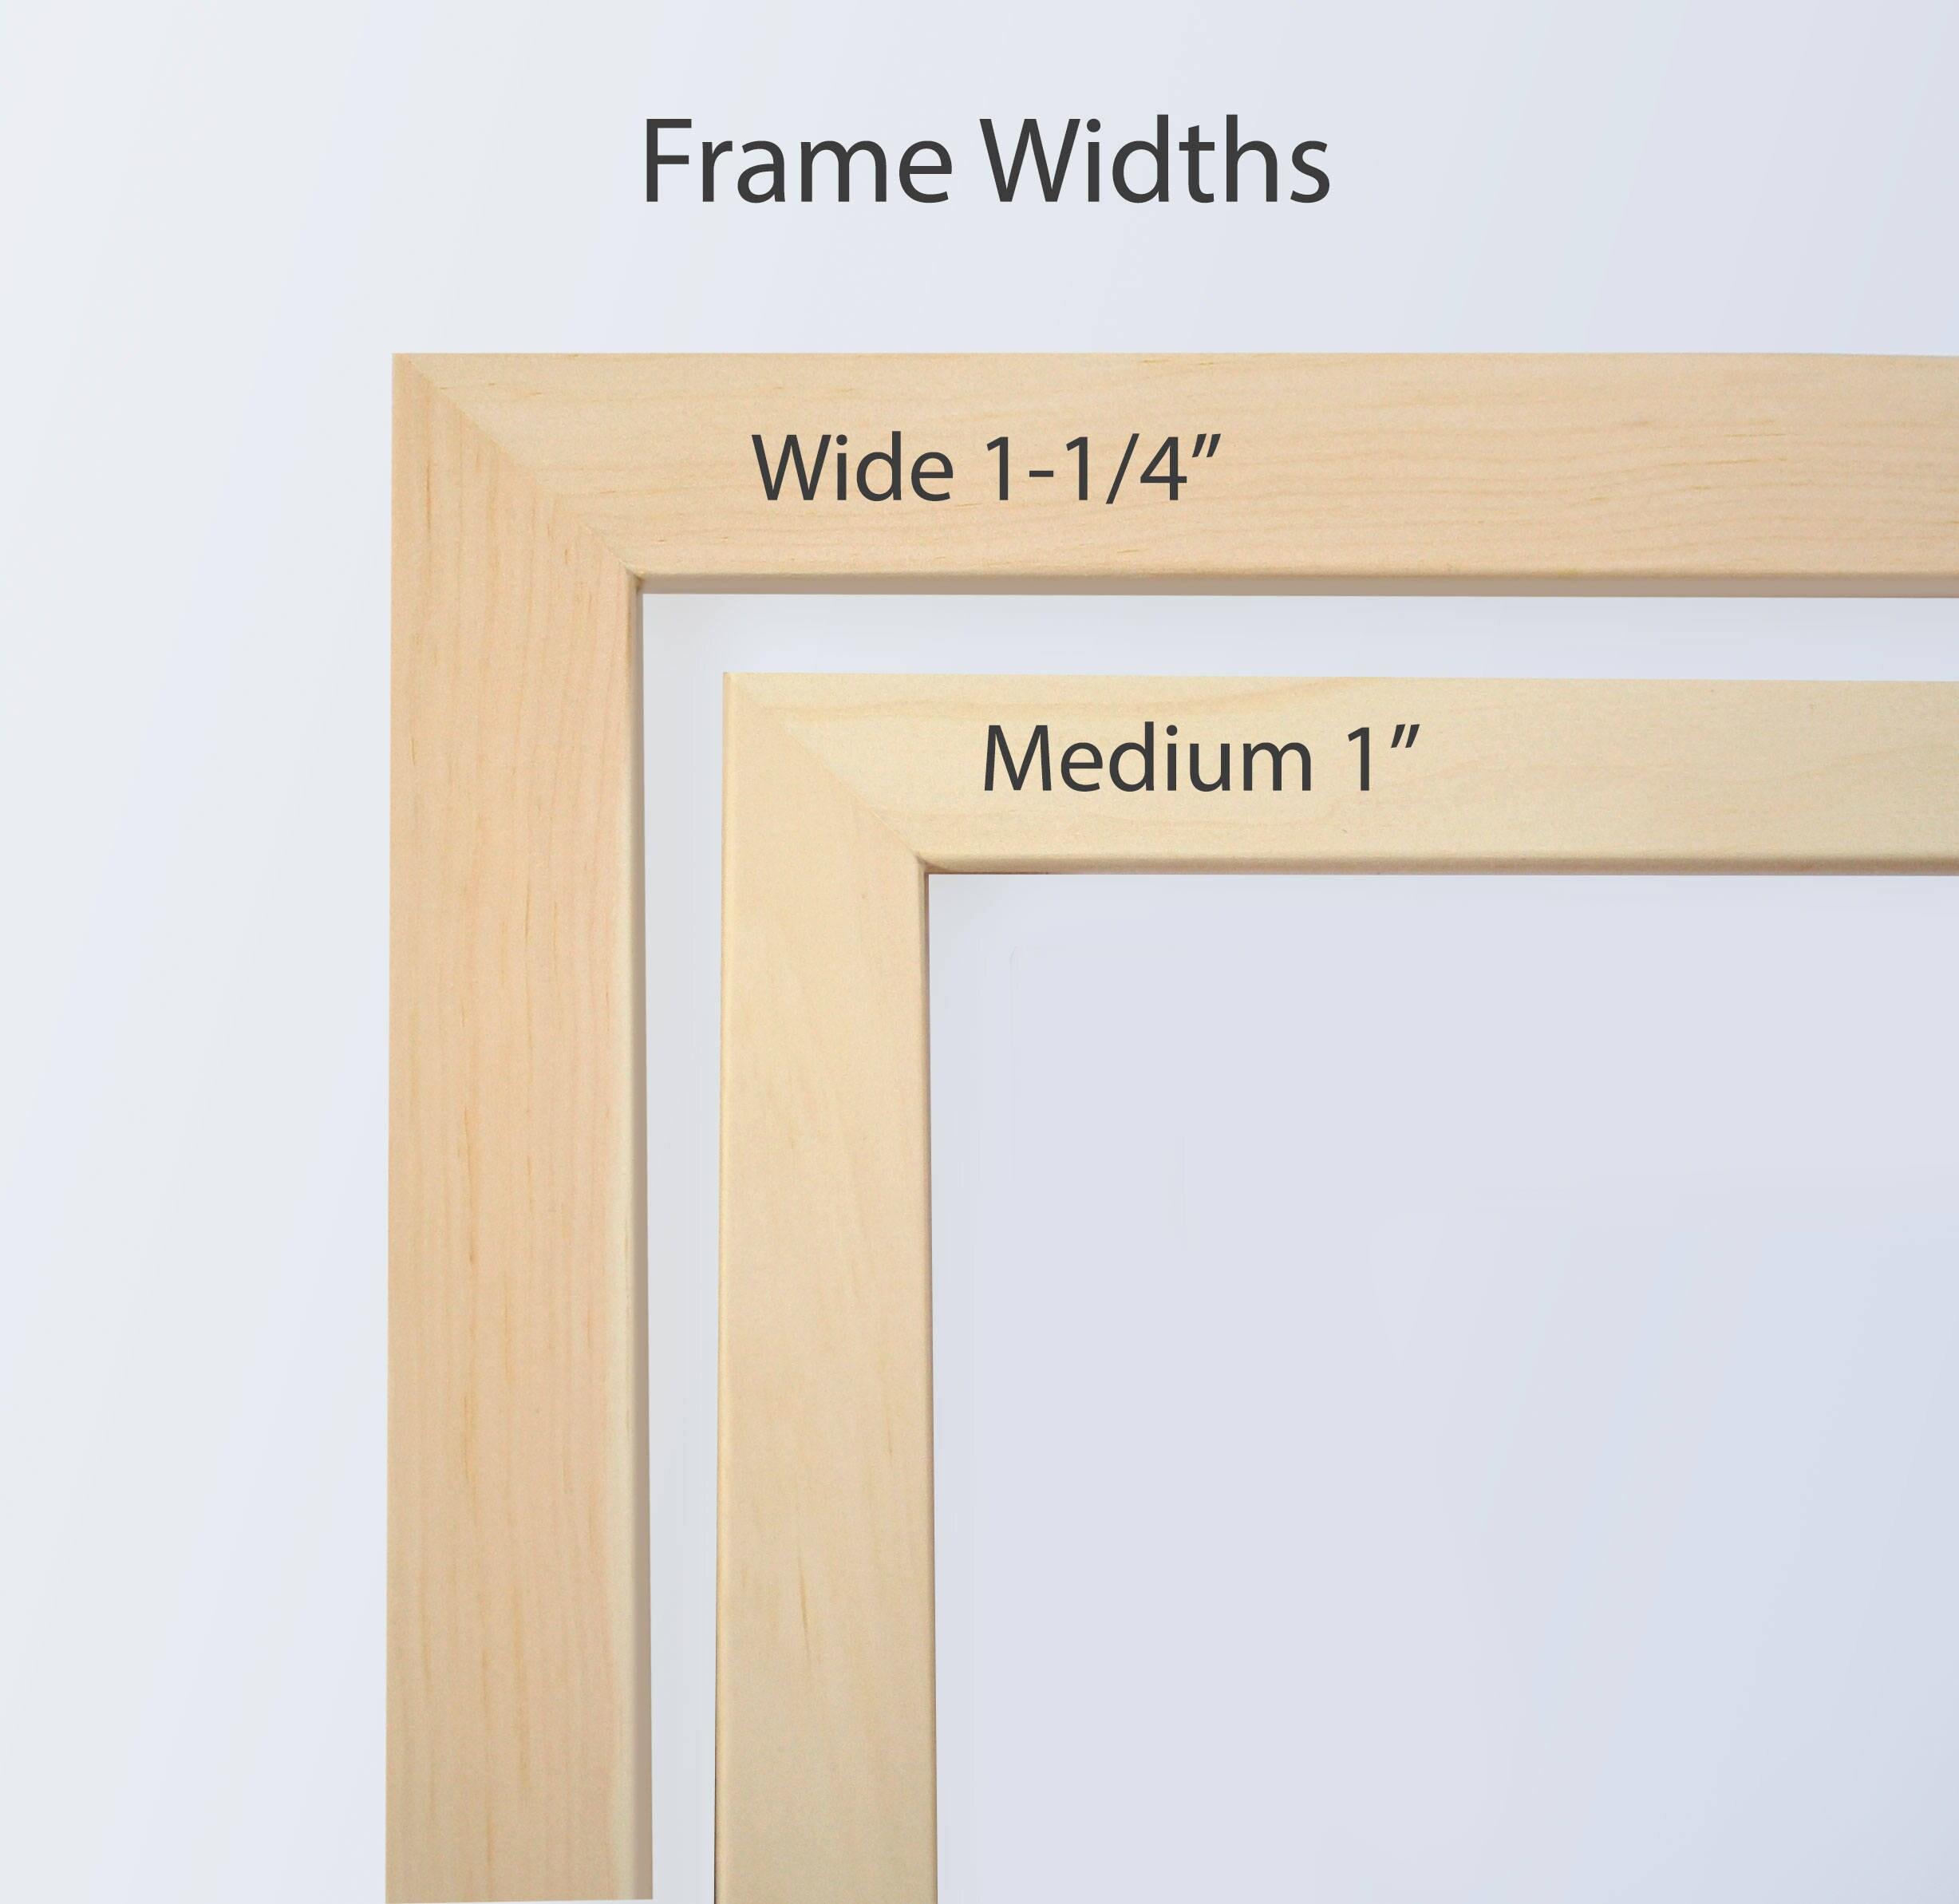 16 x 20 poster frame - irosh.info